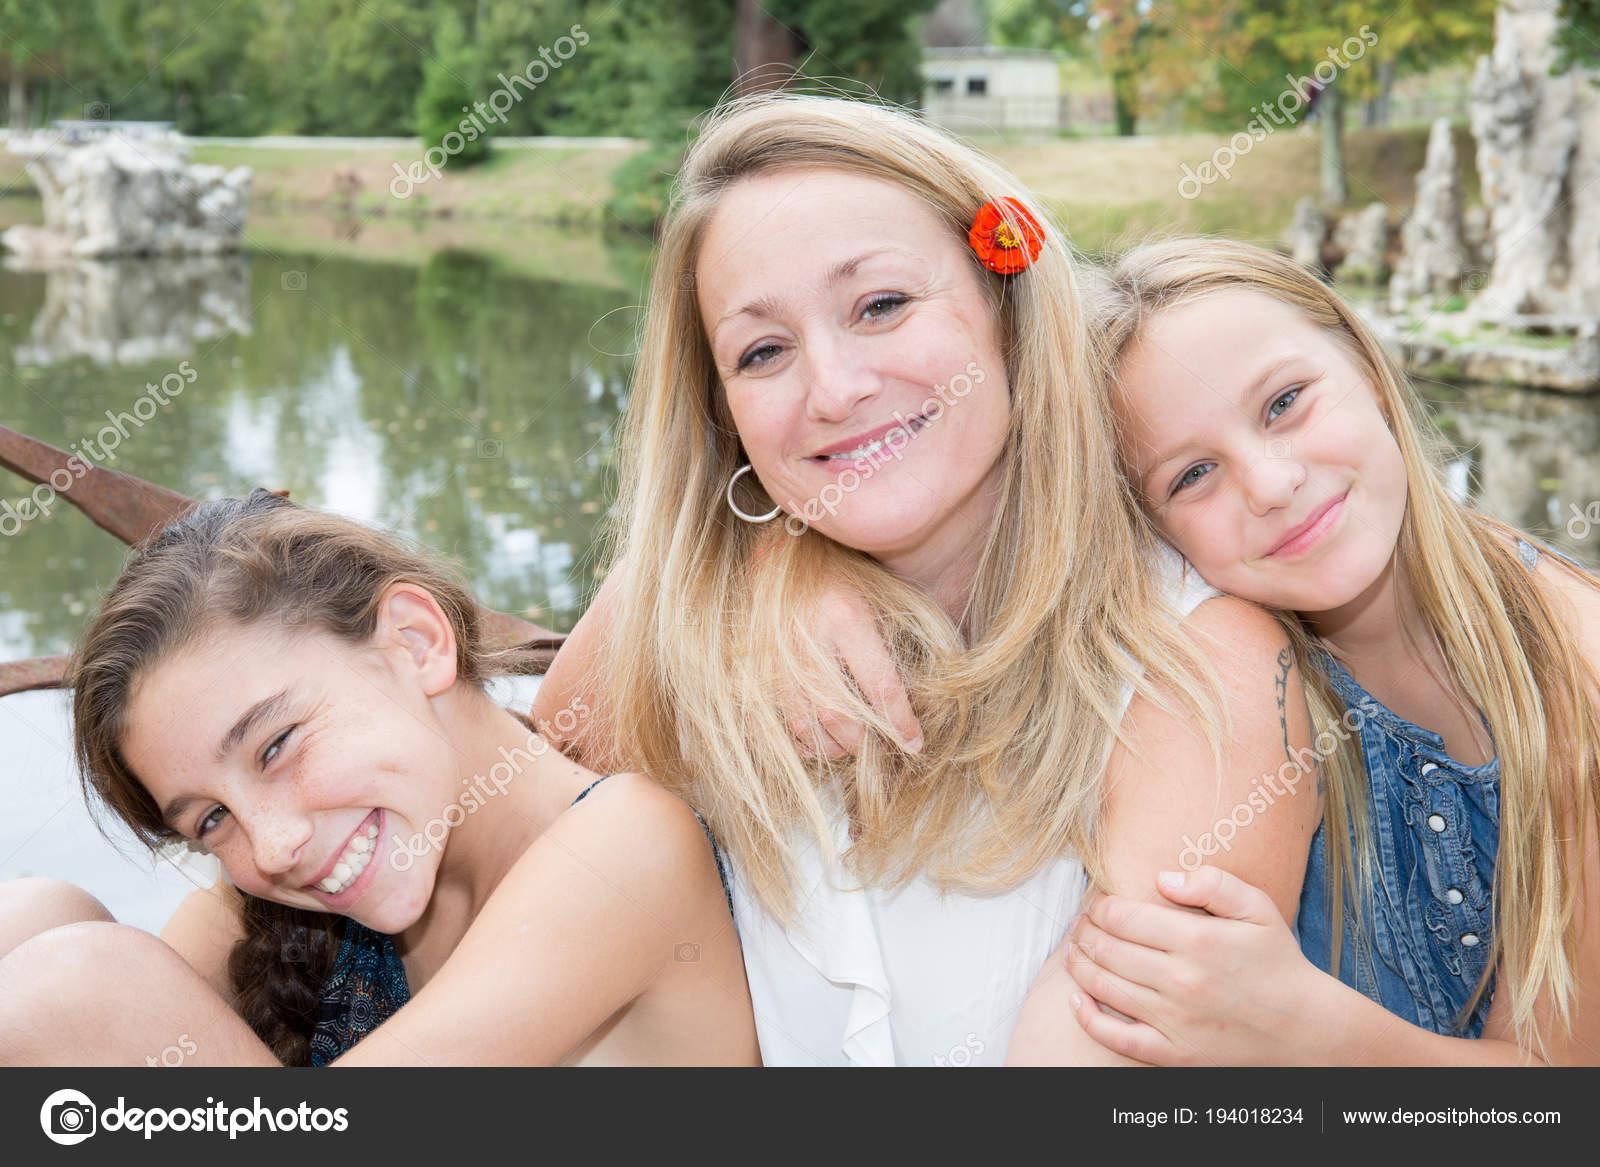 m re blonde c libataire avec deux lac parc plein air fille photographie sylv1rob1 194018234. Black Bedroom Furniture Sets. Home Design Ideas